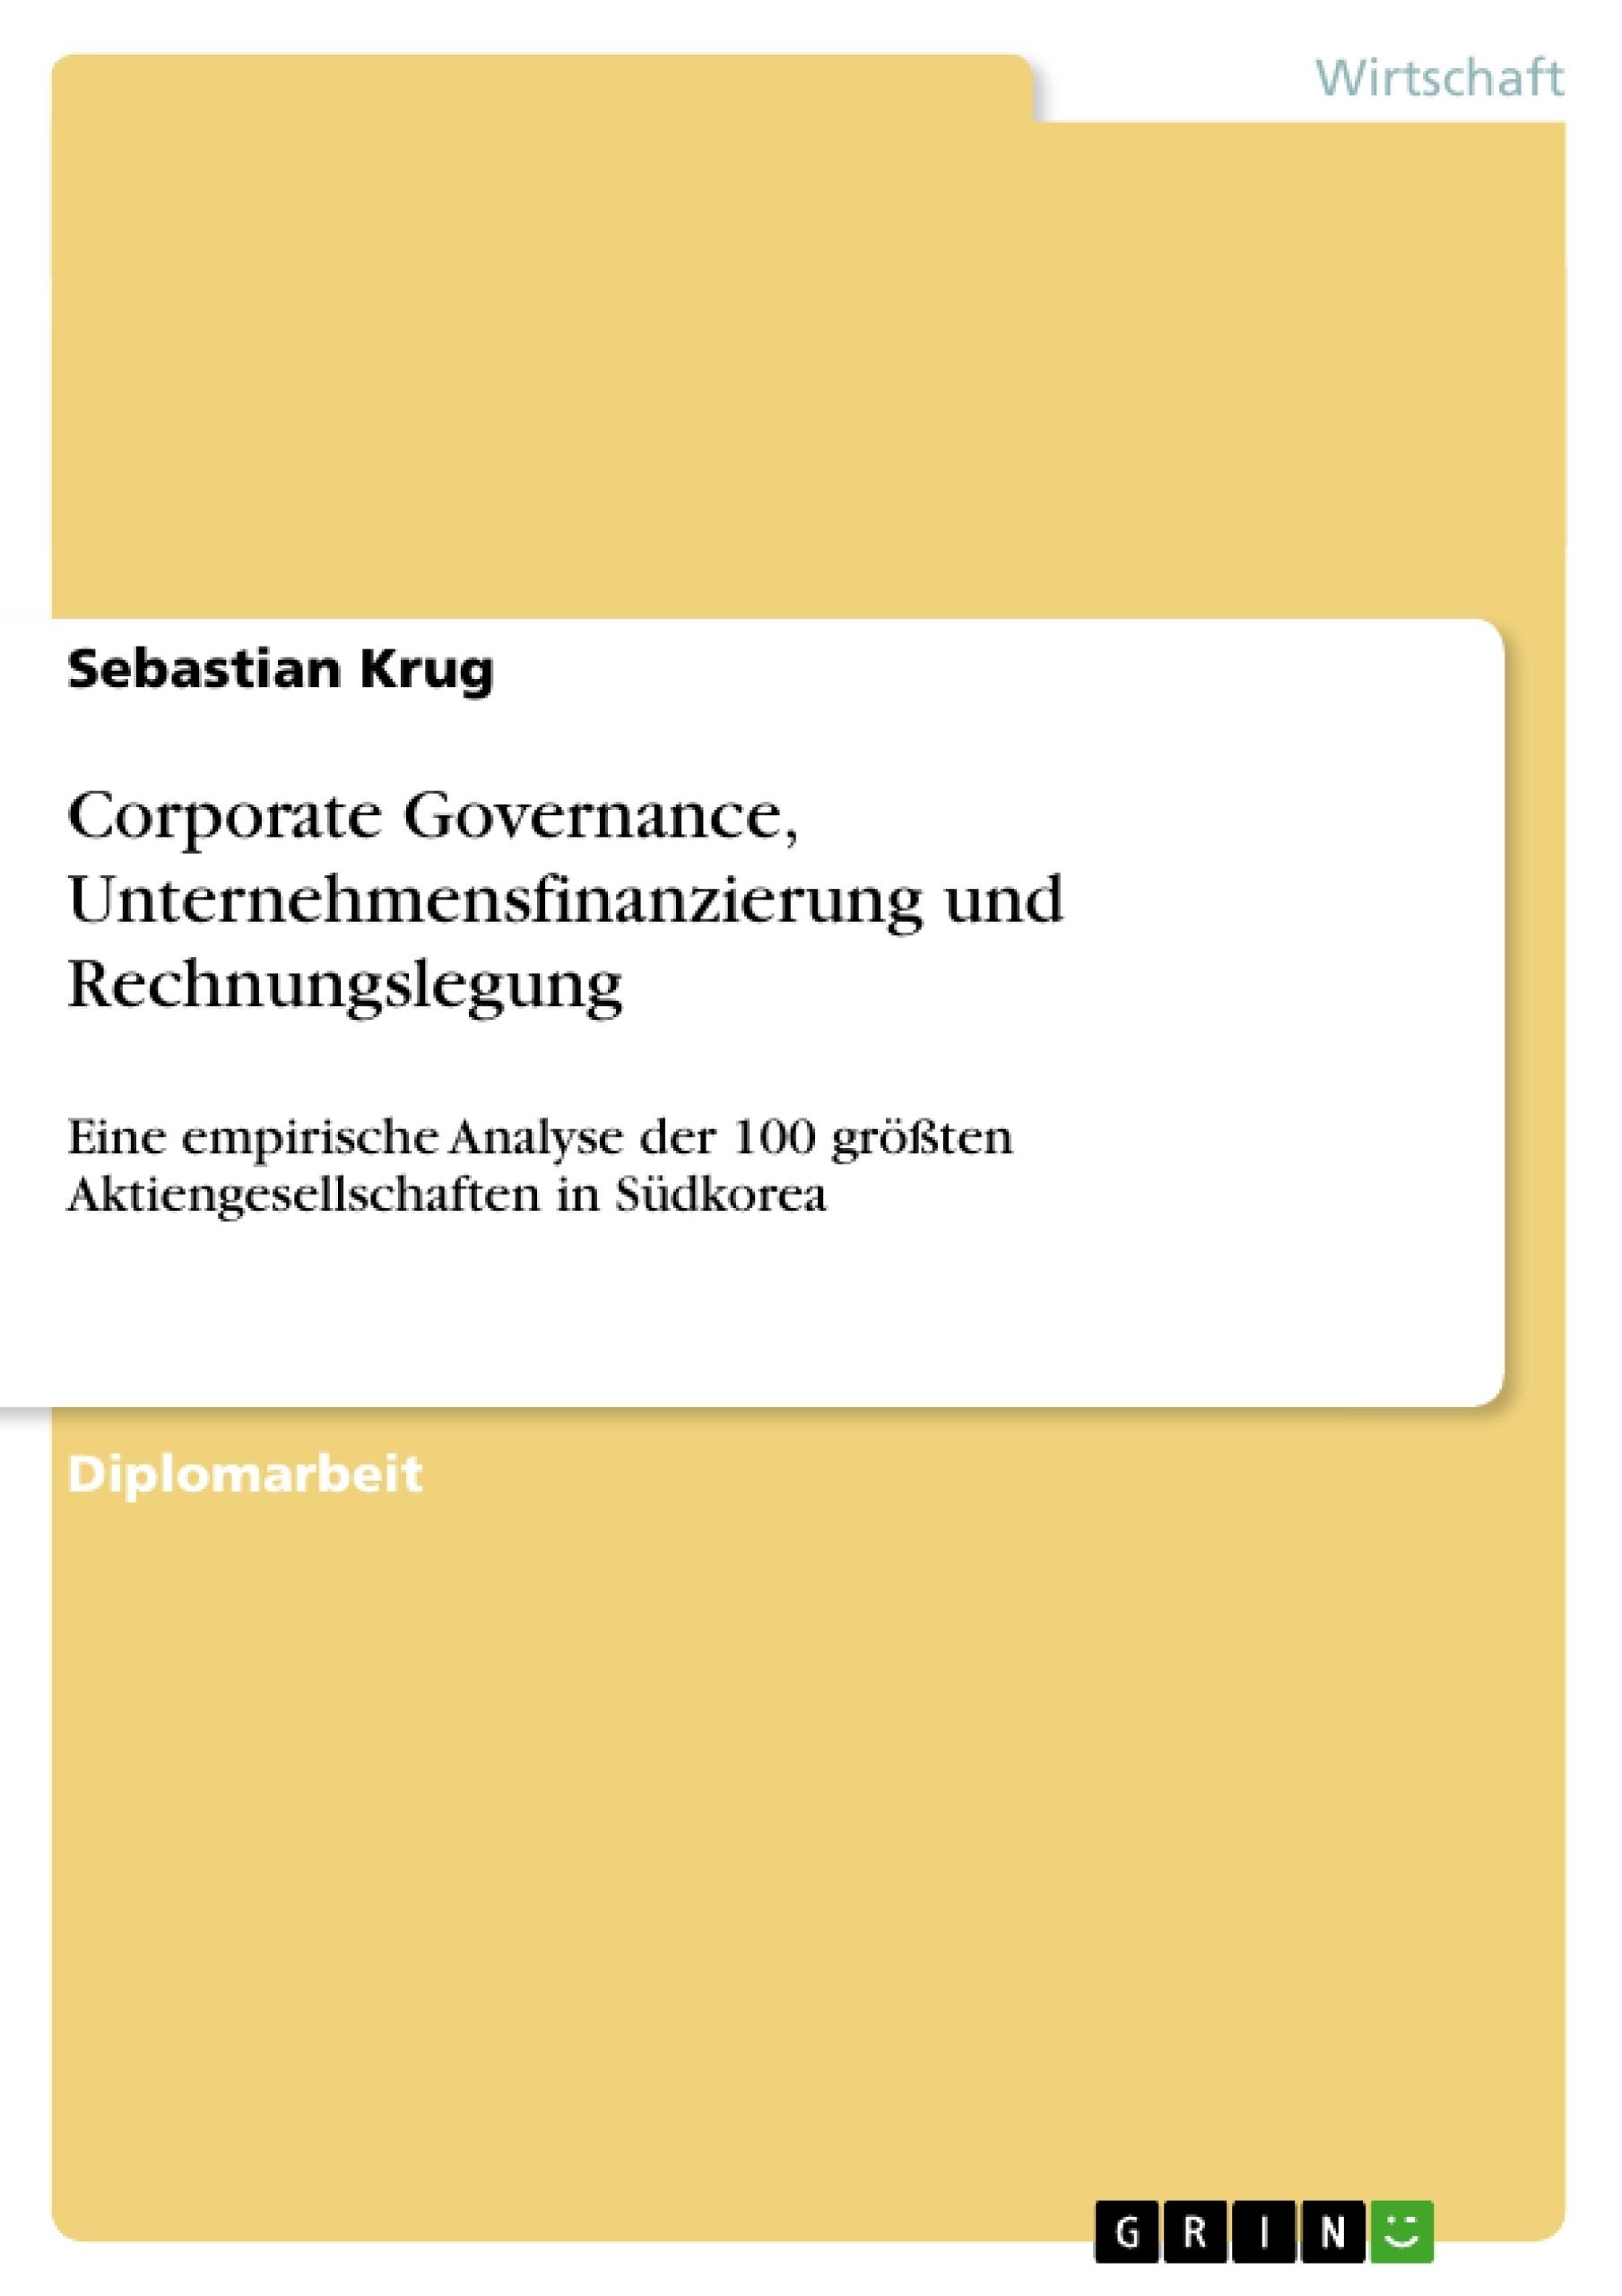 Titel: Corporate Governance, Unternehmensfinanzierung und Rechnungslegung